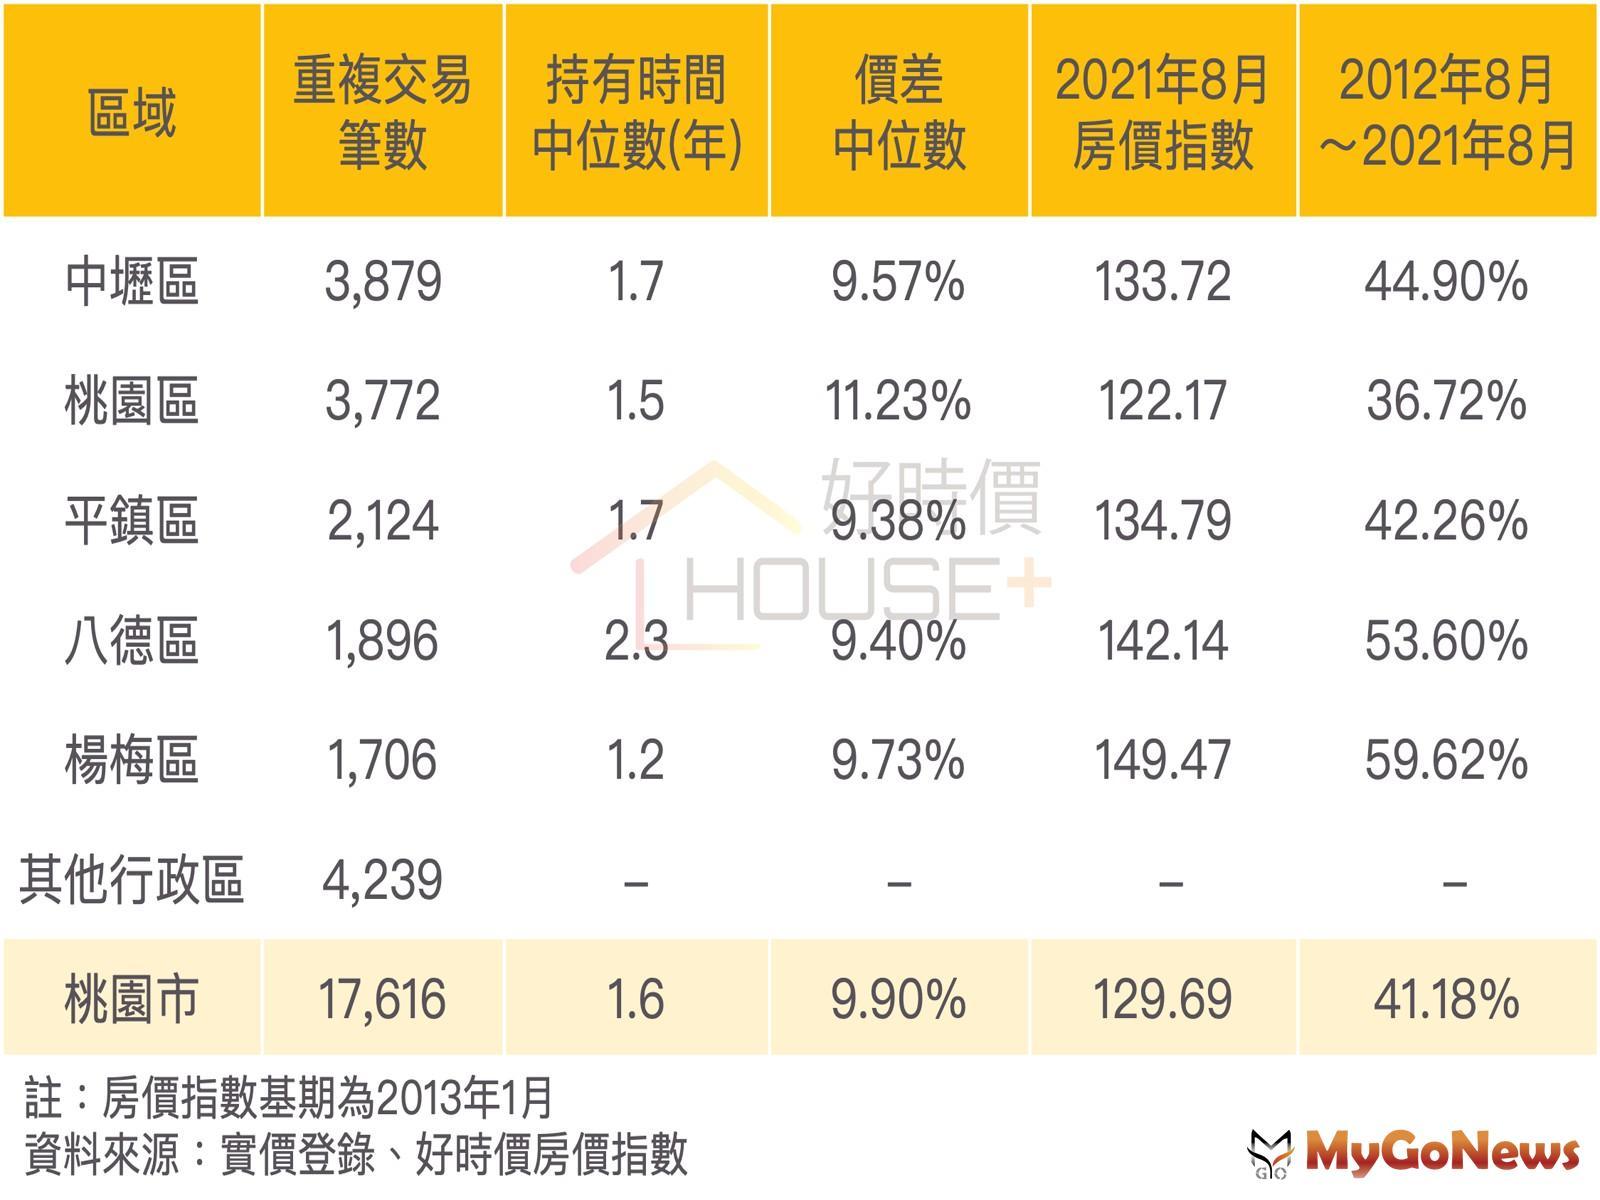 在2021年8月,桃園市的房價指數為129.69,與九年前相比漲幅為41.18% MyGoNews房地產新聞 市場快訊